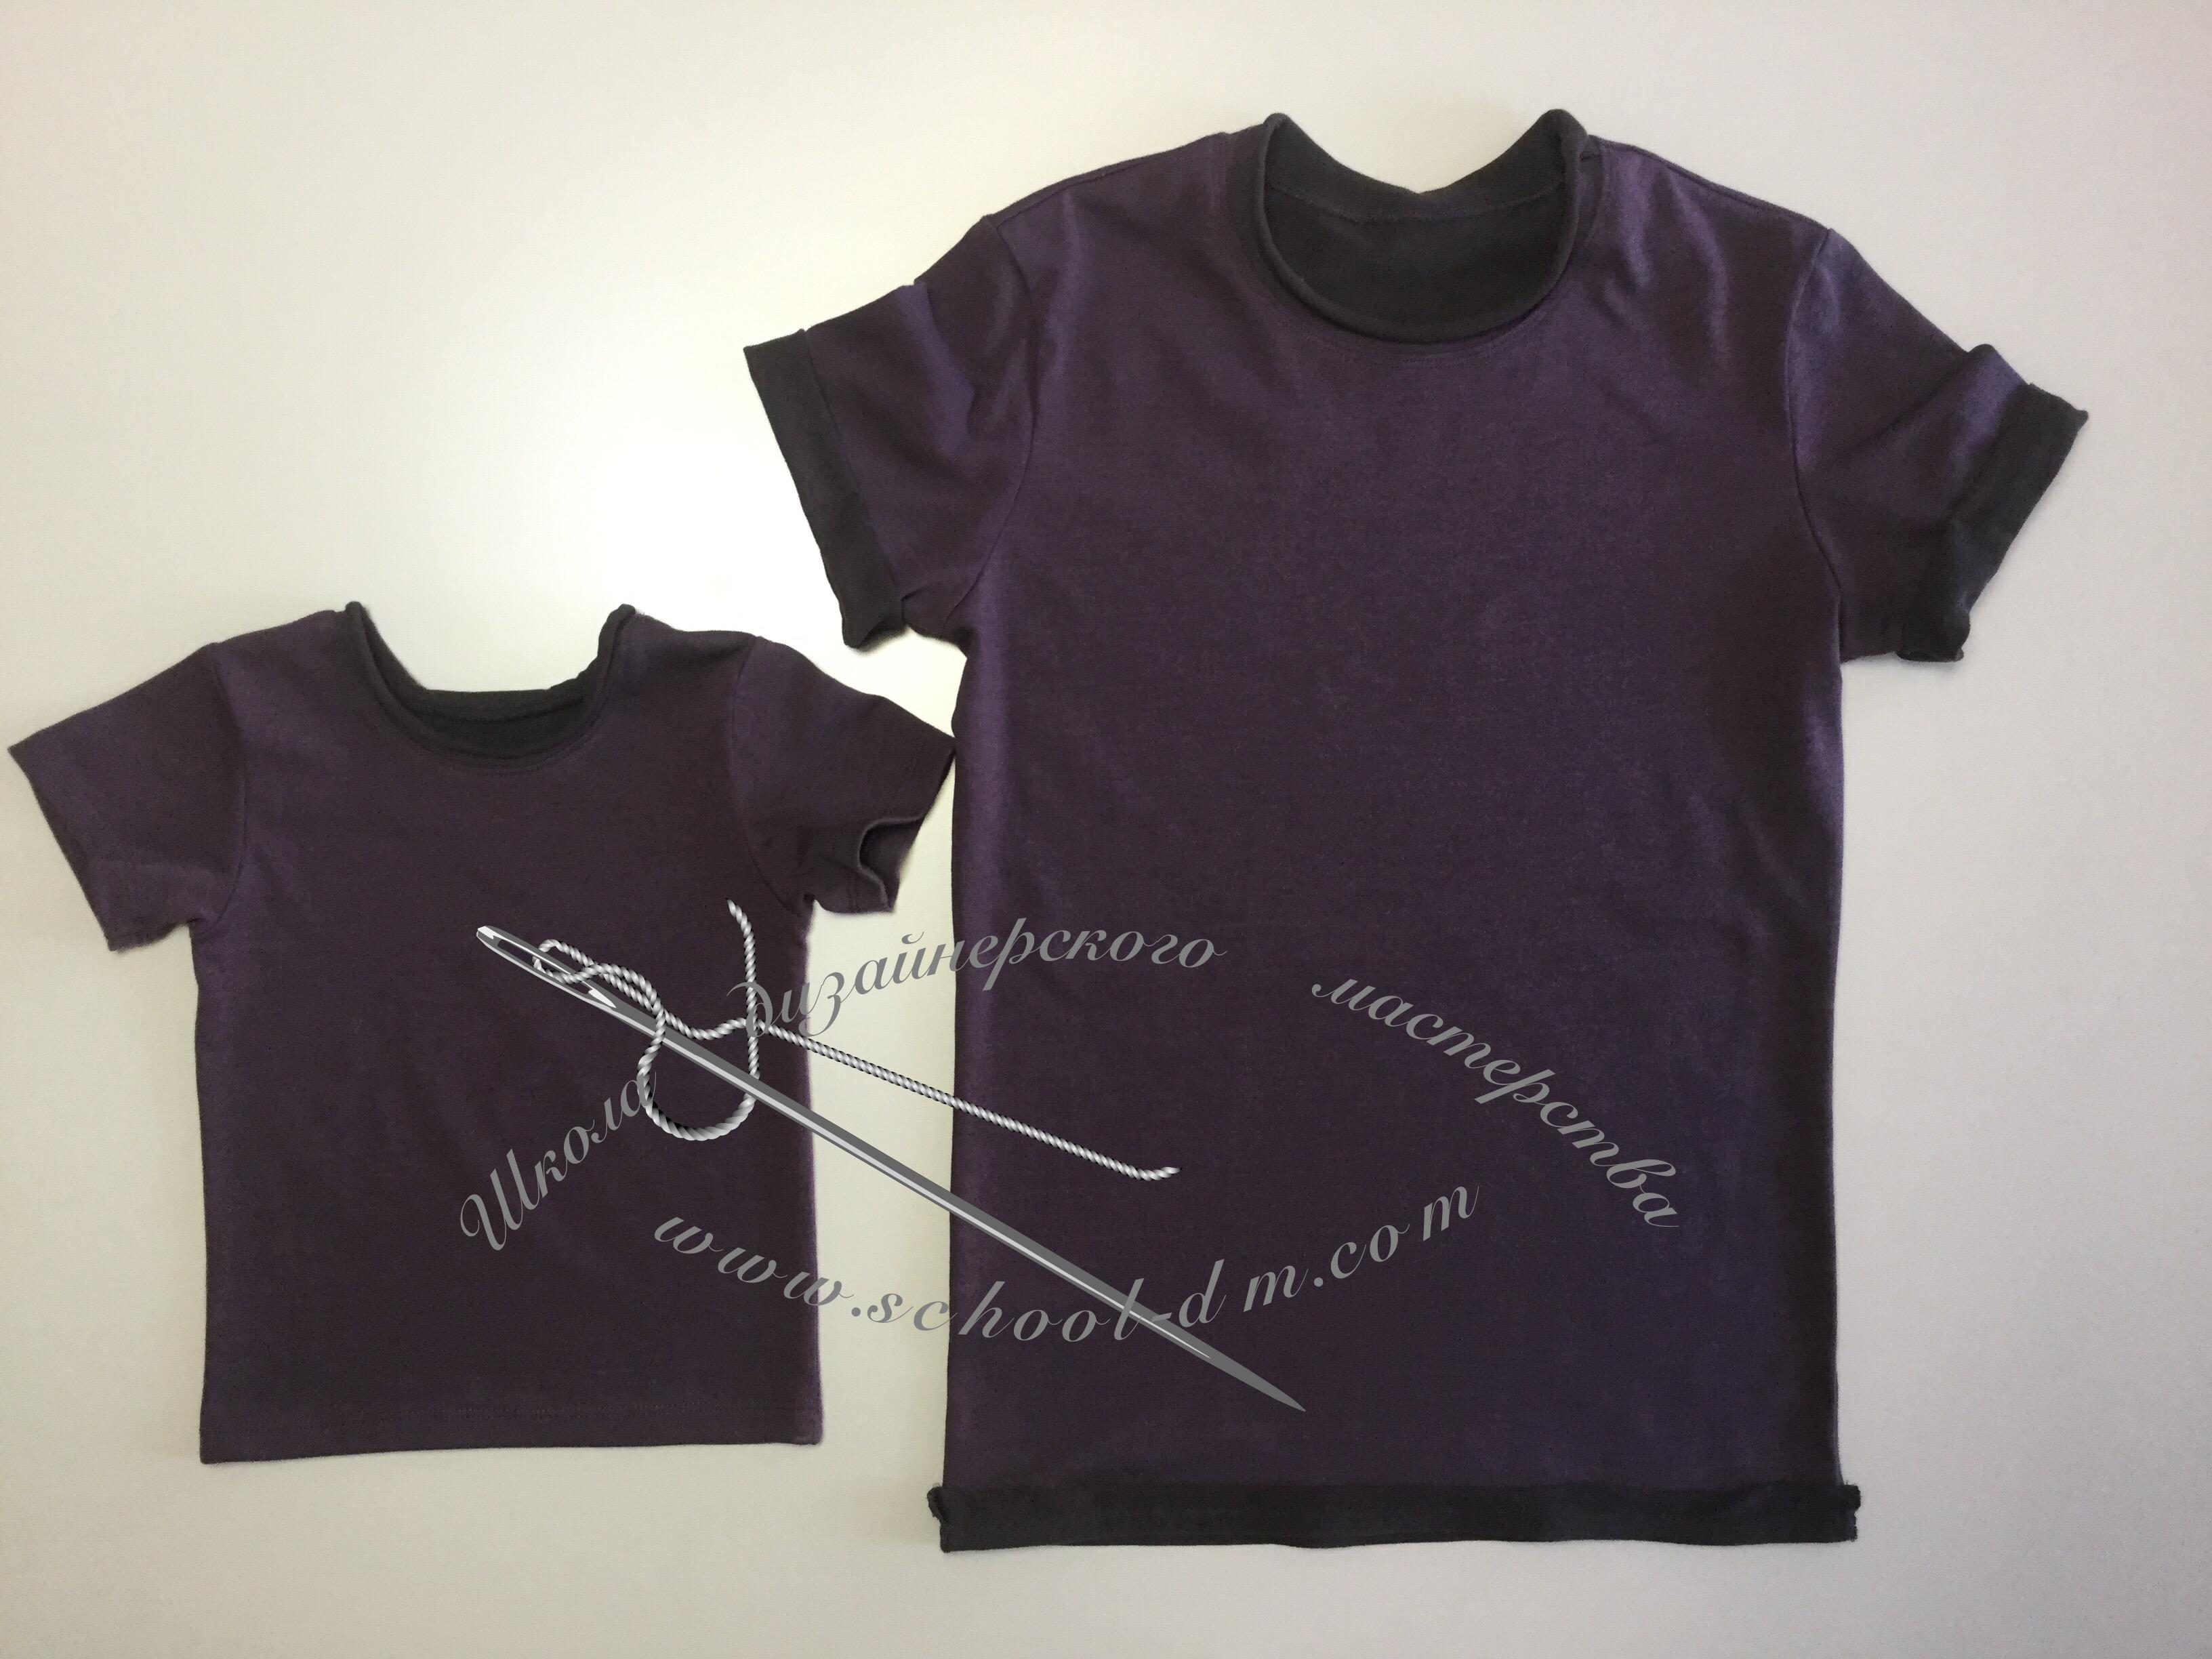 Шить футболку, шить трикотаж, Школа дизайнерского мастерства